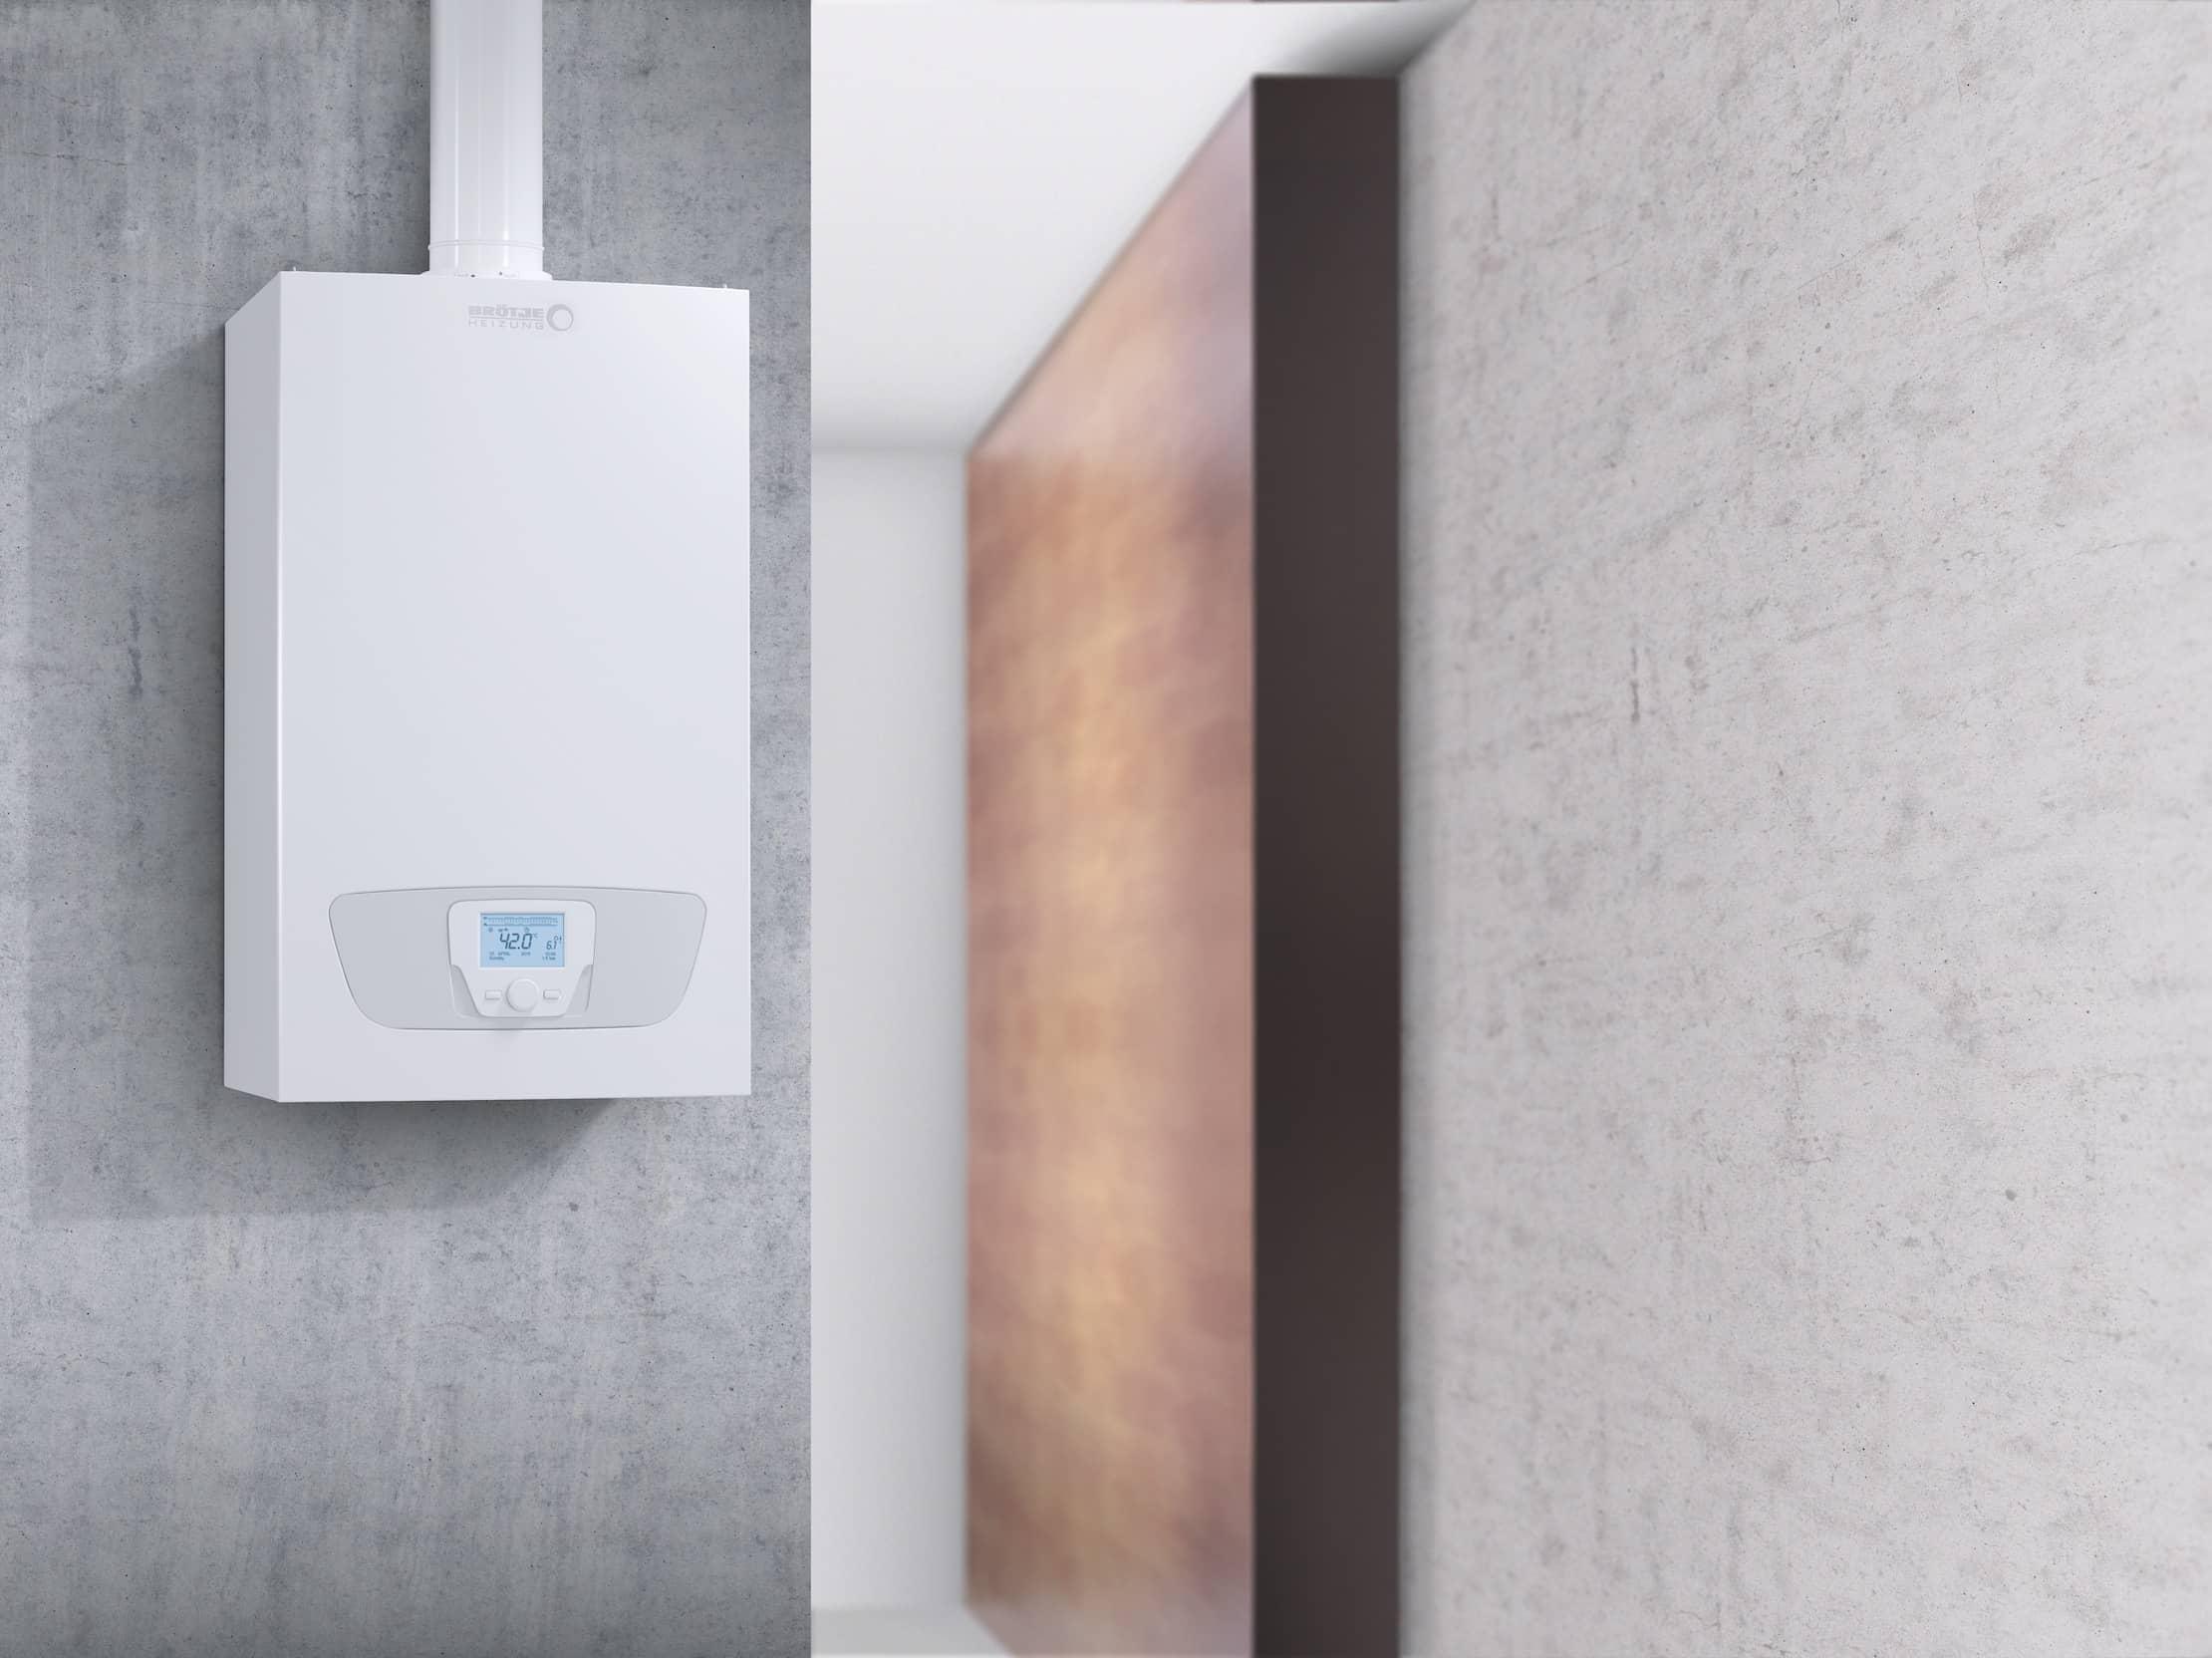 Die Gas-Brennwerttherme WMS/WMC an einer grauen Wand aufgehängt.